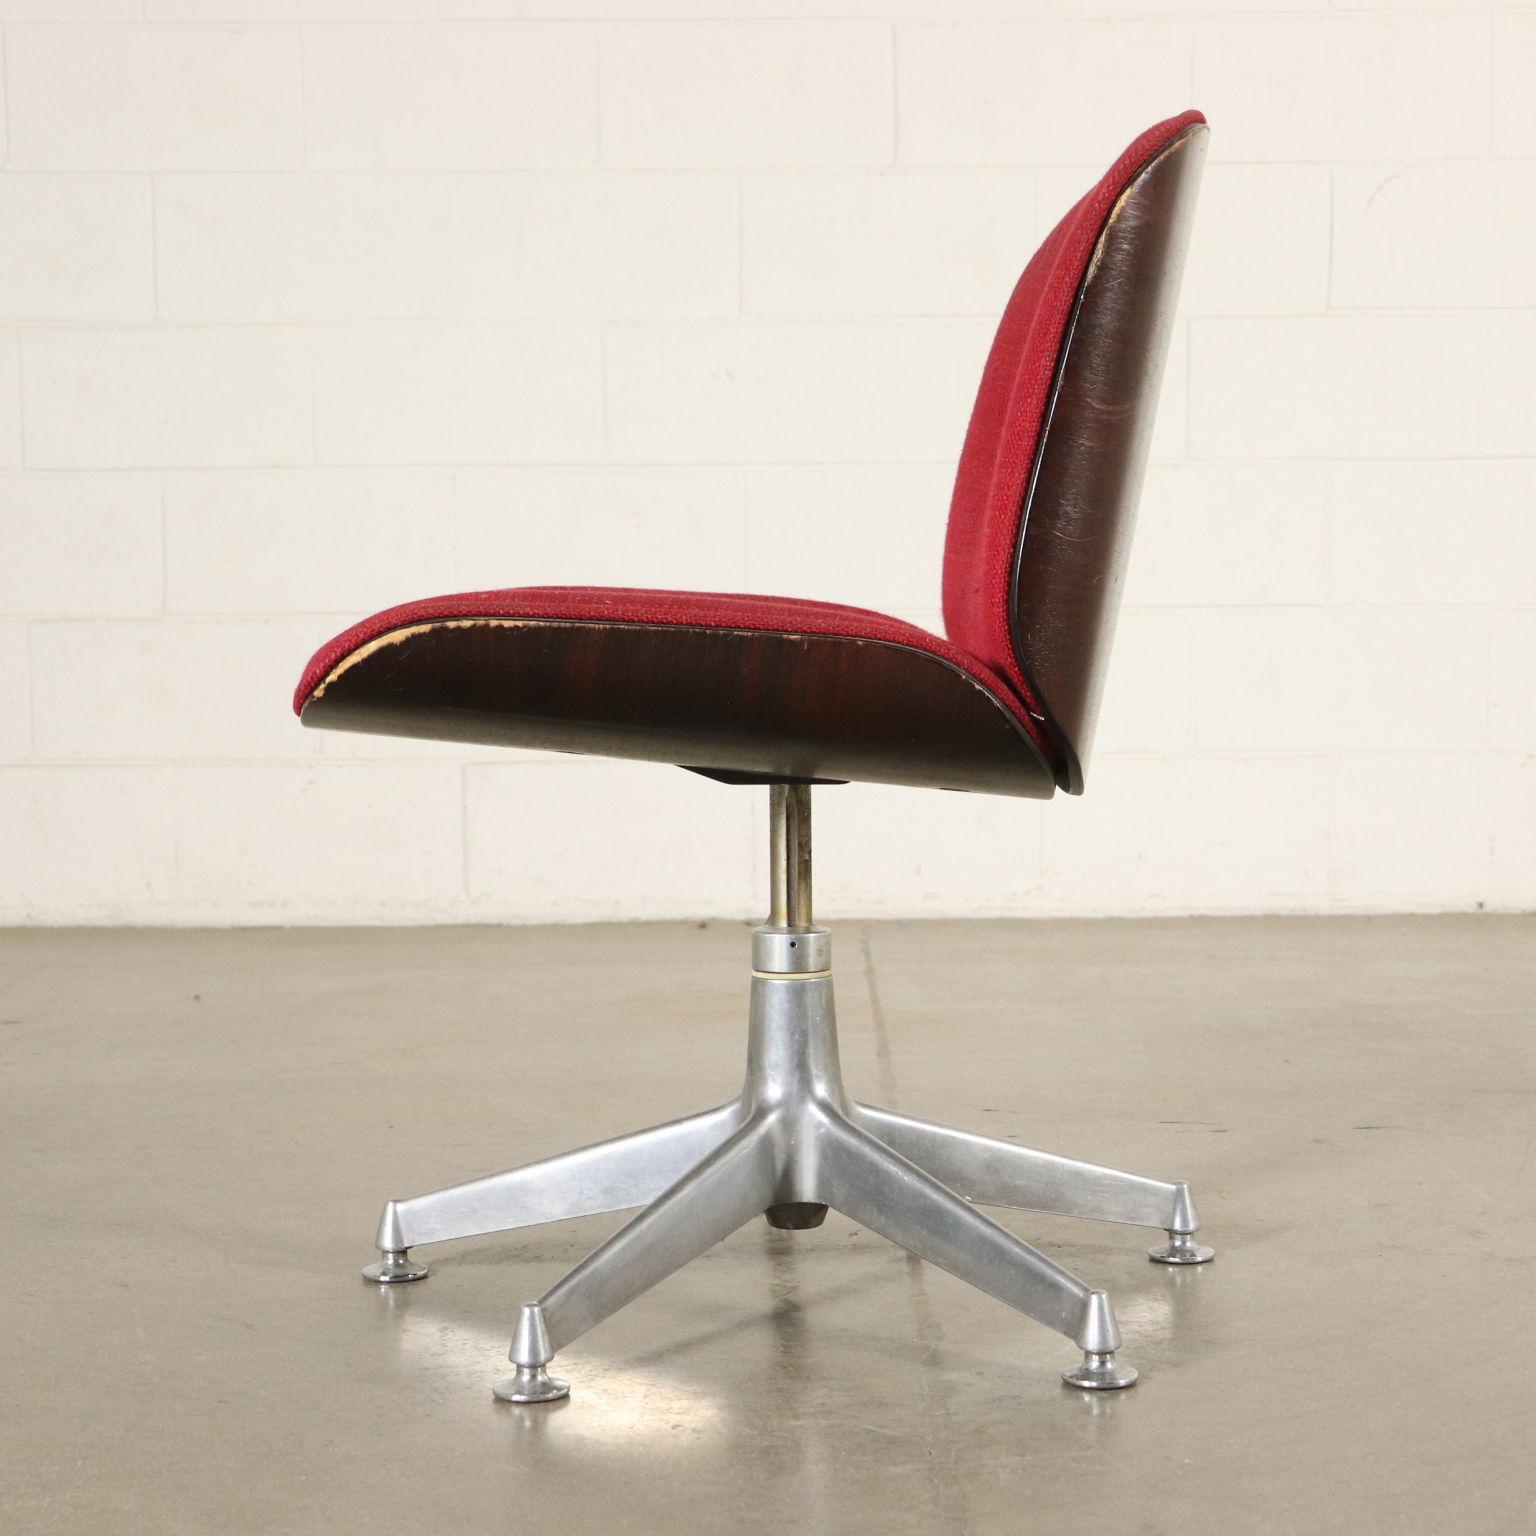 Sedia ico parisi sedie modernariato for Sedia particolare